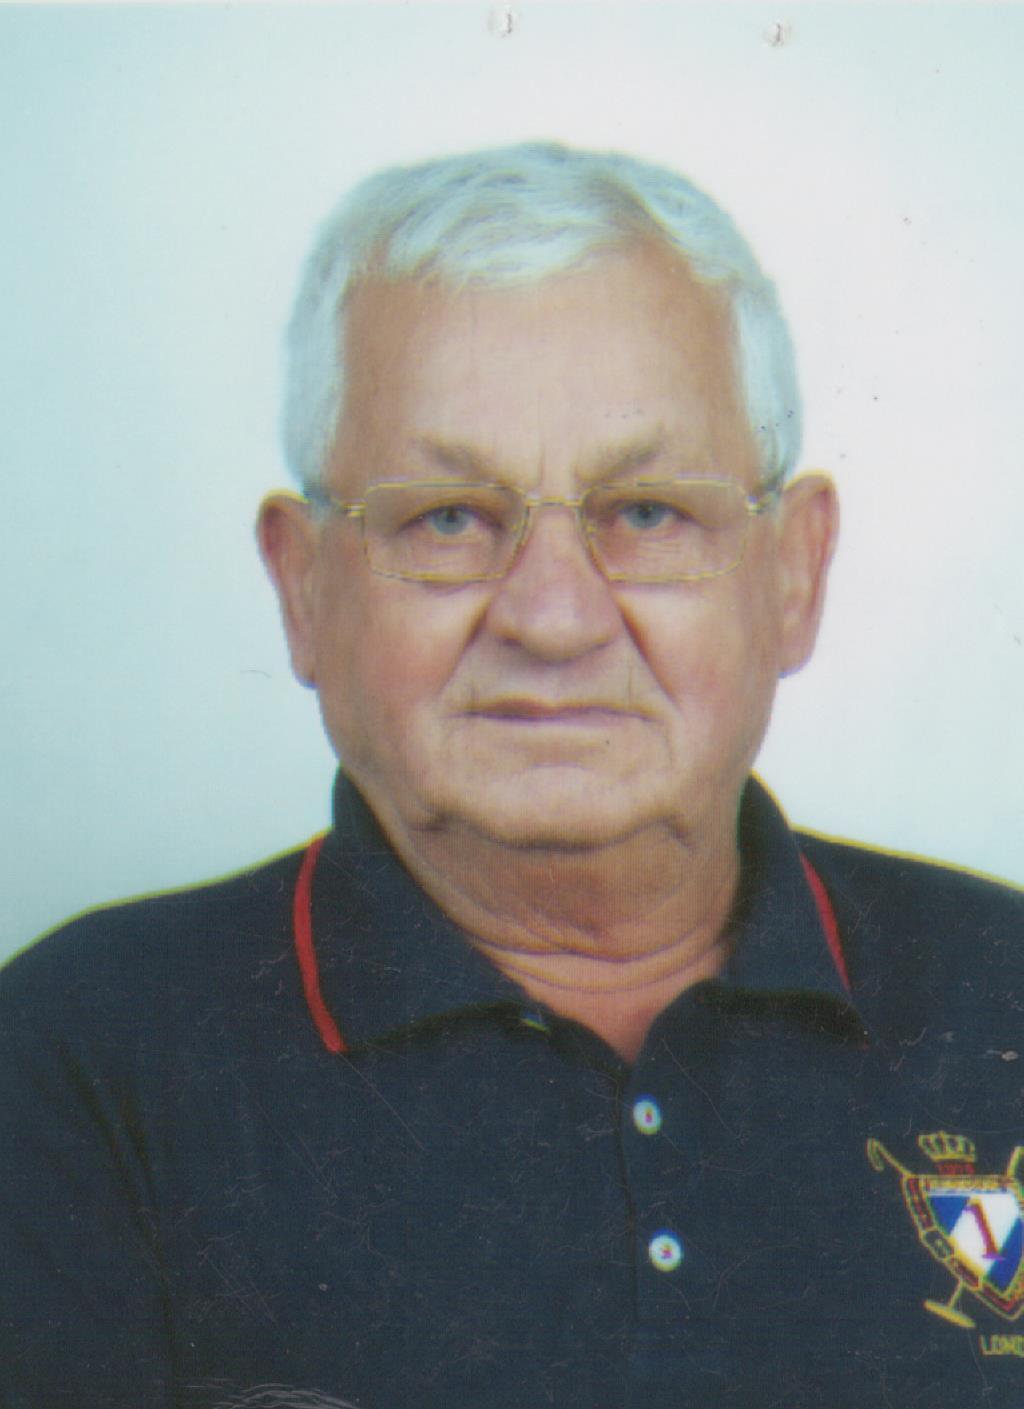 António José Cunha Nunes